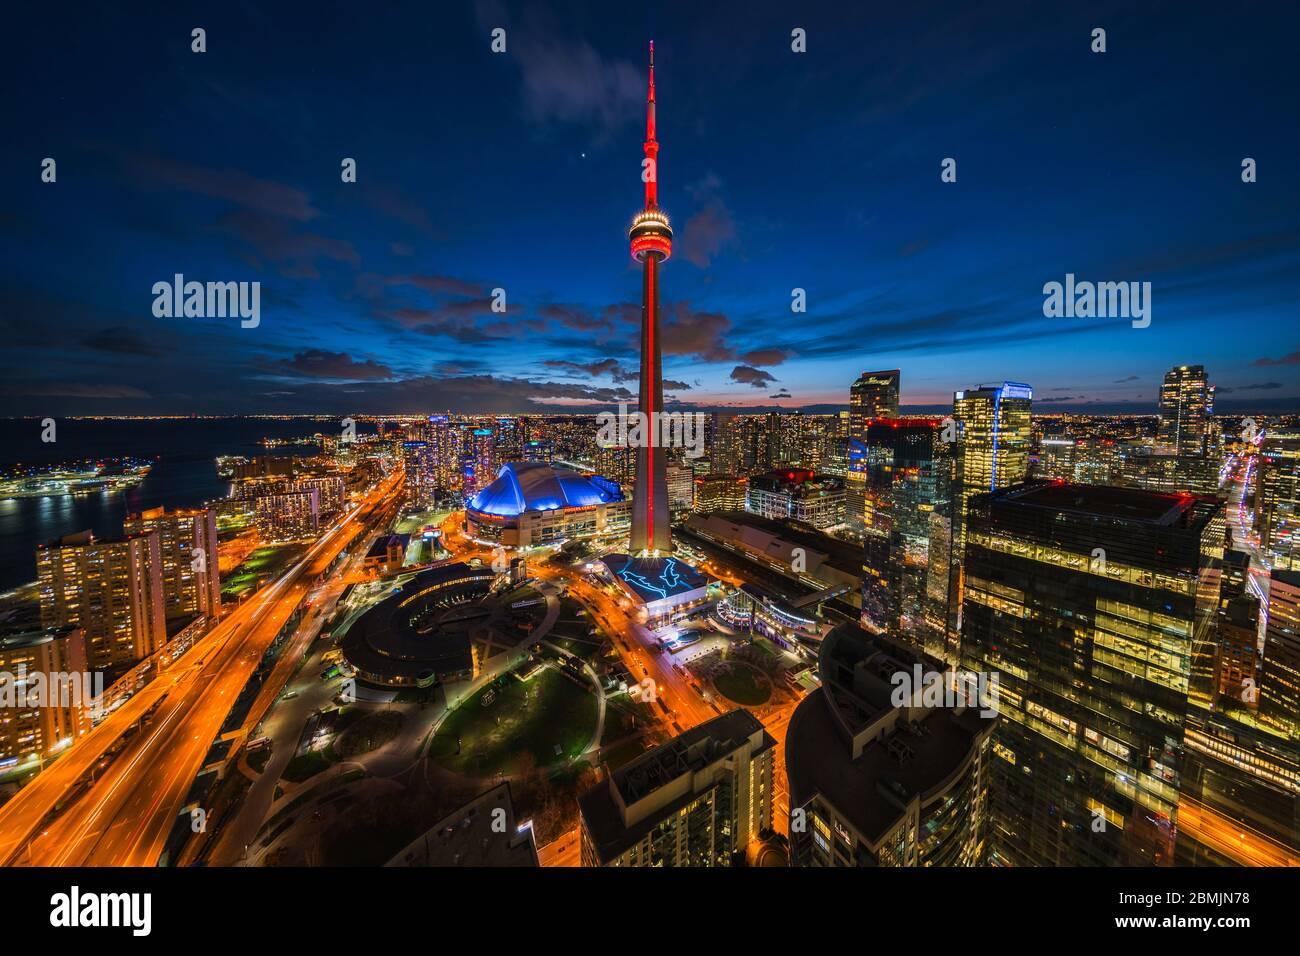 Toronto, Ontario, Canada, vue panoramique sur le paysage urbain de Toronto, y compris le monument architectural Tour CN illuminé la nuit. Banque D'Images